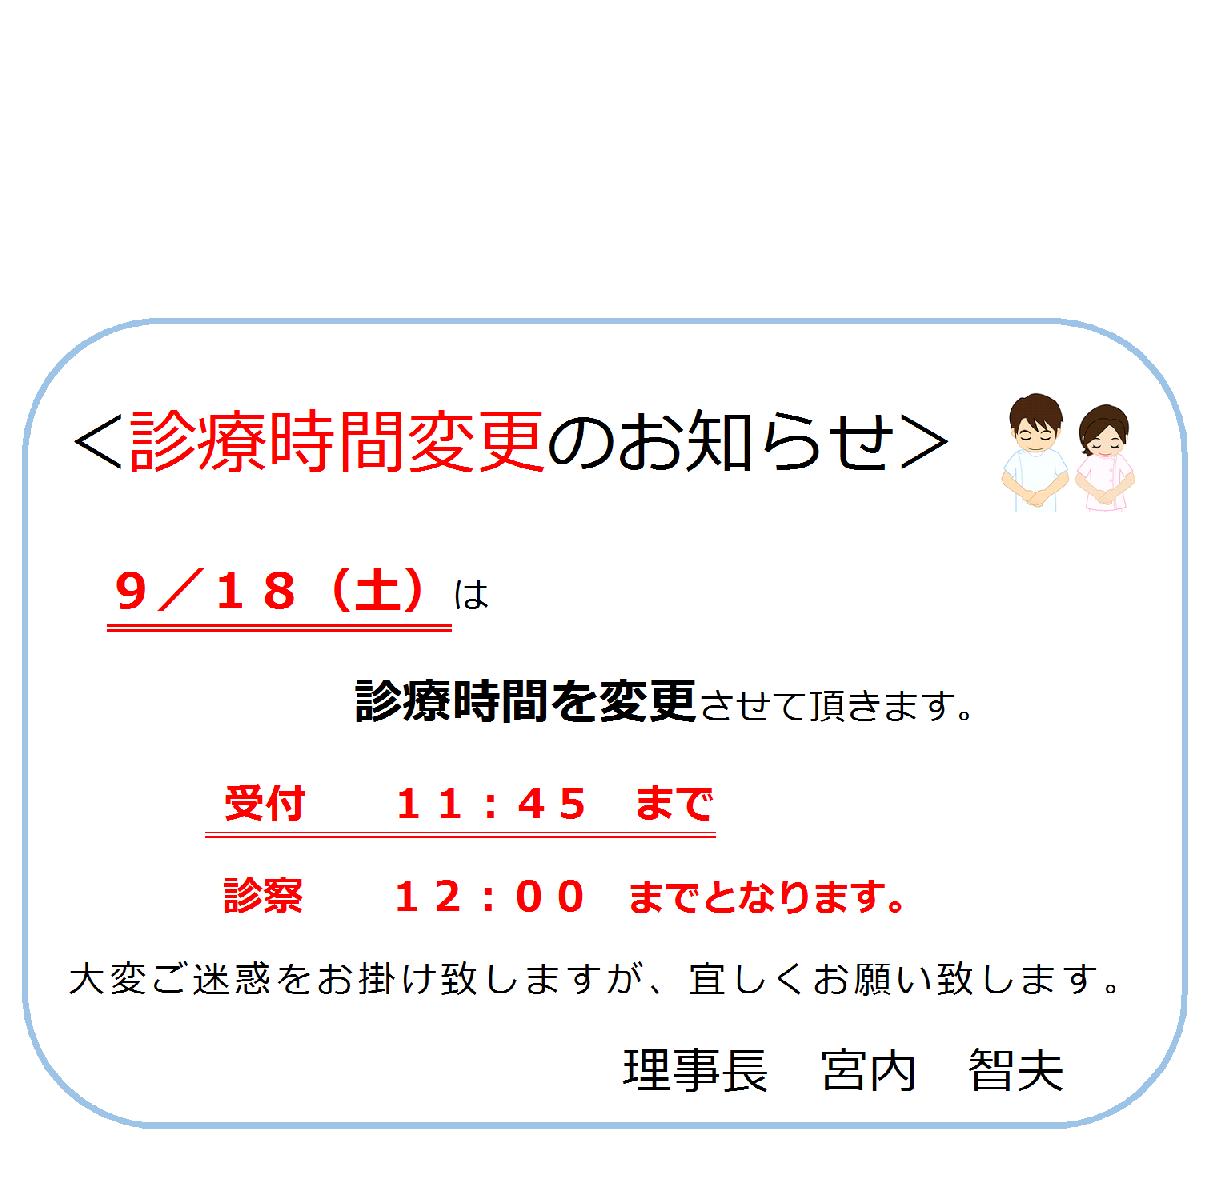 9/18(土)診療時間変更のお知らせ